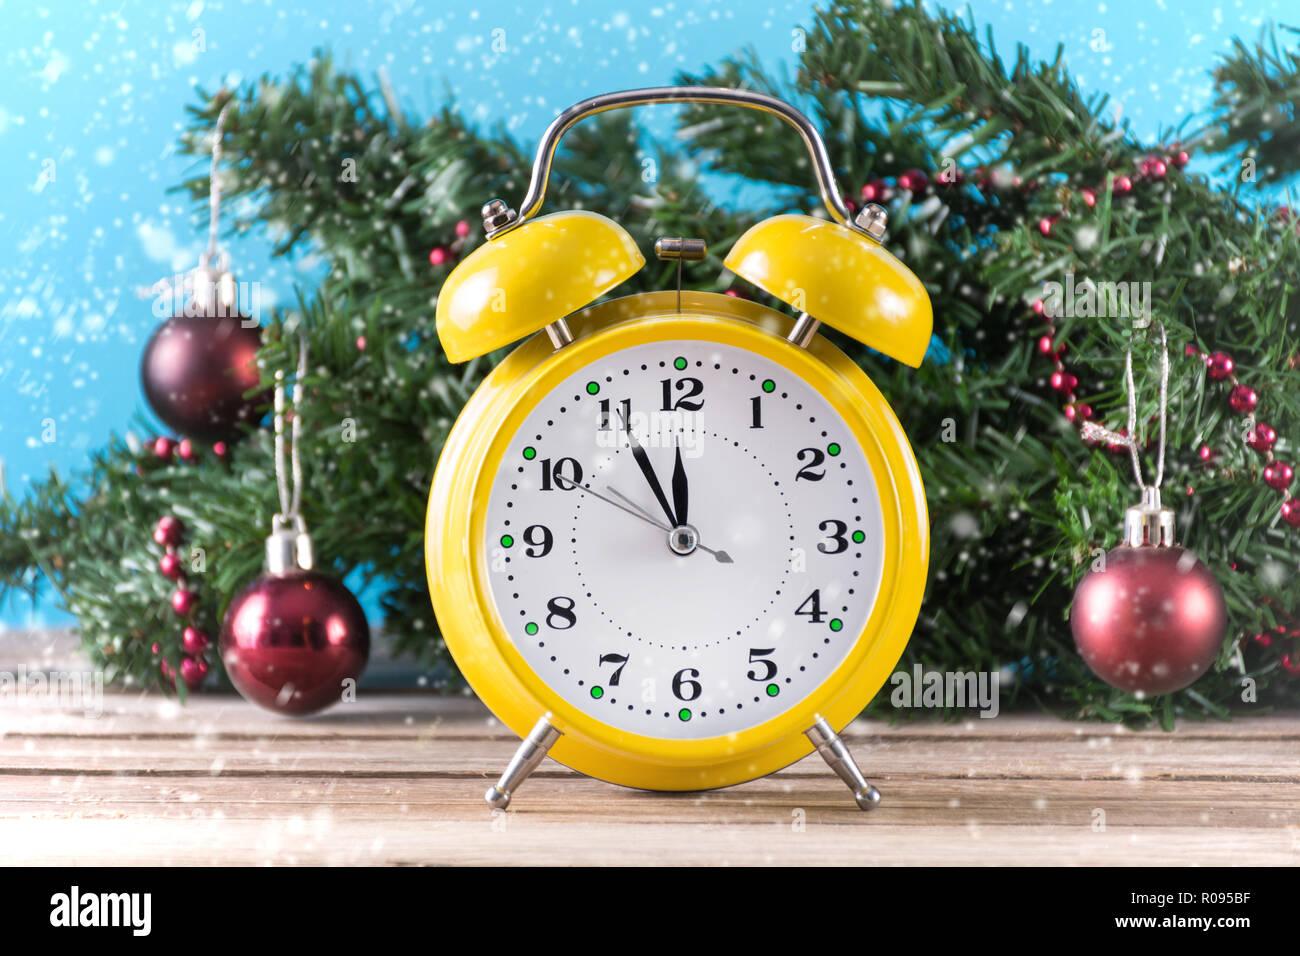 Weihnachtsbaum Schneit.Gelb Retro Uhr Auf Hölzernen Schreibtisch Und Tanne Weihnachtsbaum